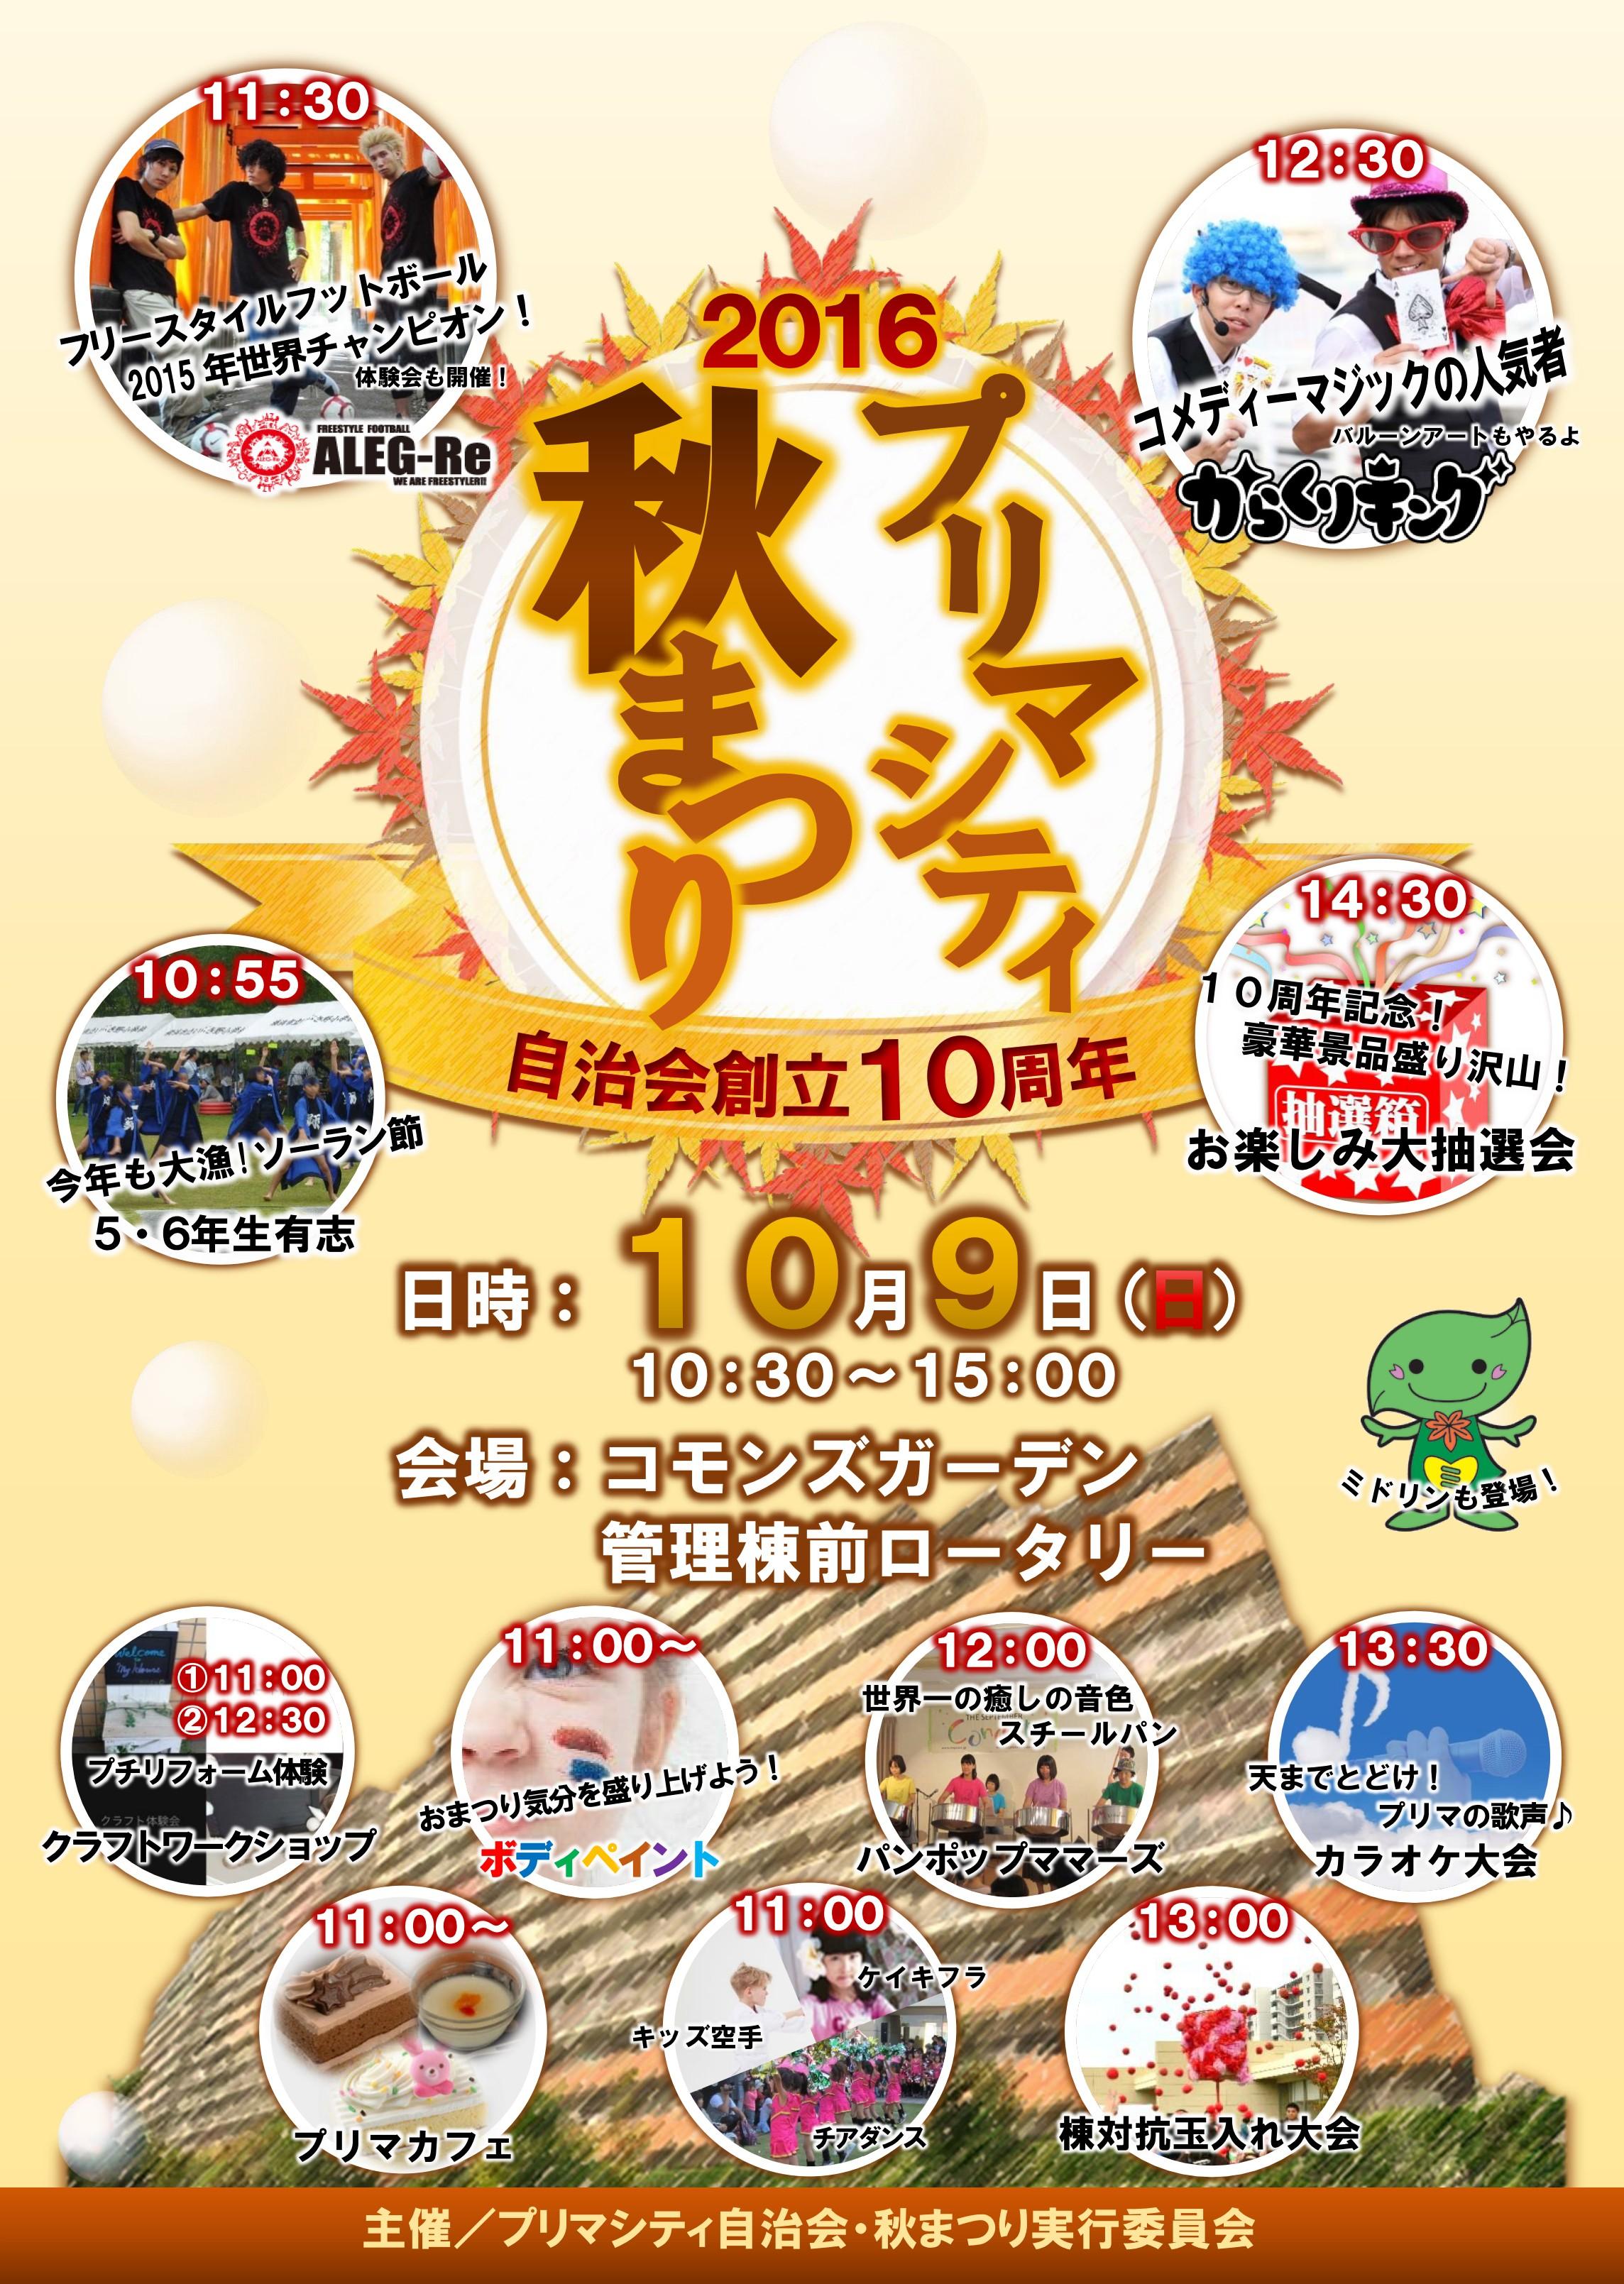 【告知】2016 プリマシティ秋祭り 自治会創立10周年